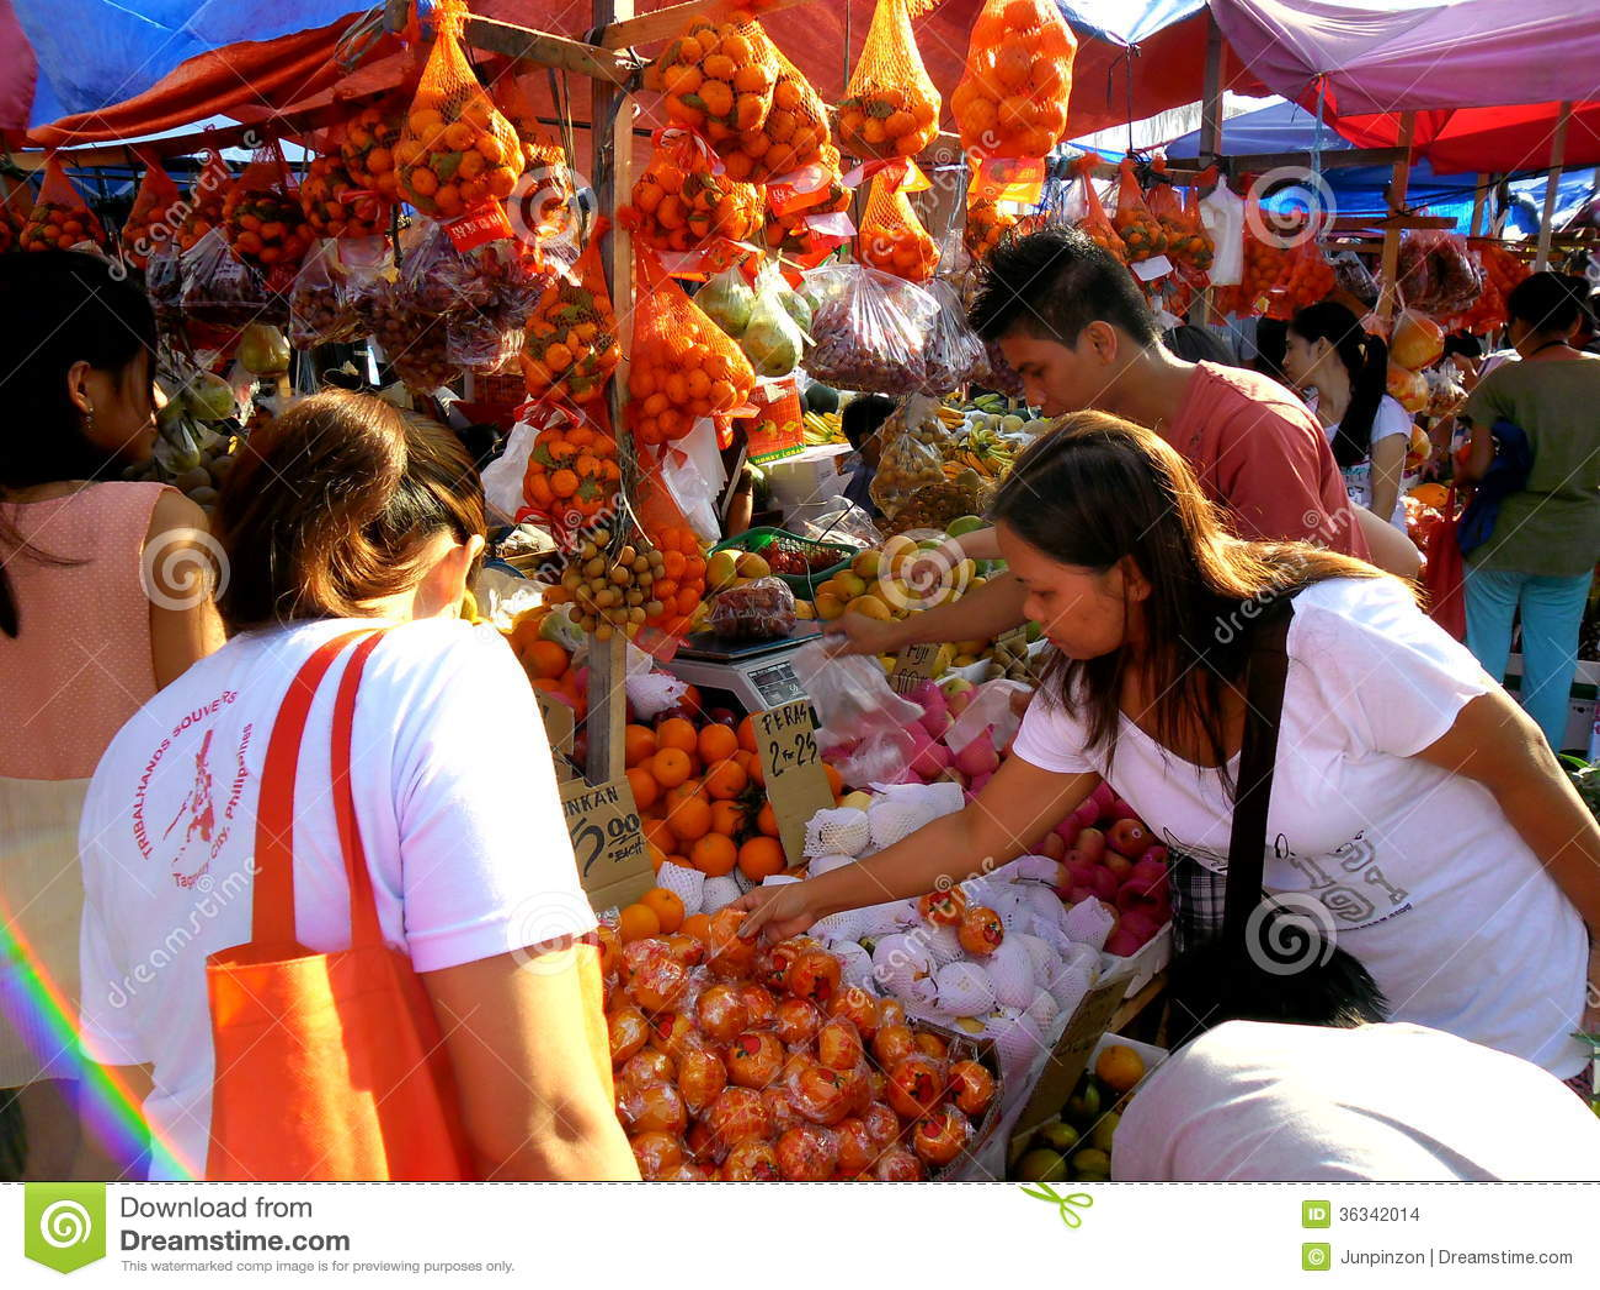 Os consumidores compram de um vendedor do fruto em um mercado em Cainta, Rizal, Filipinas, Ásia